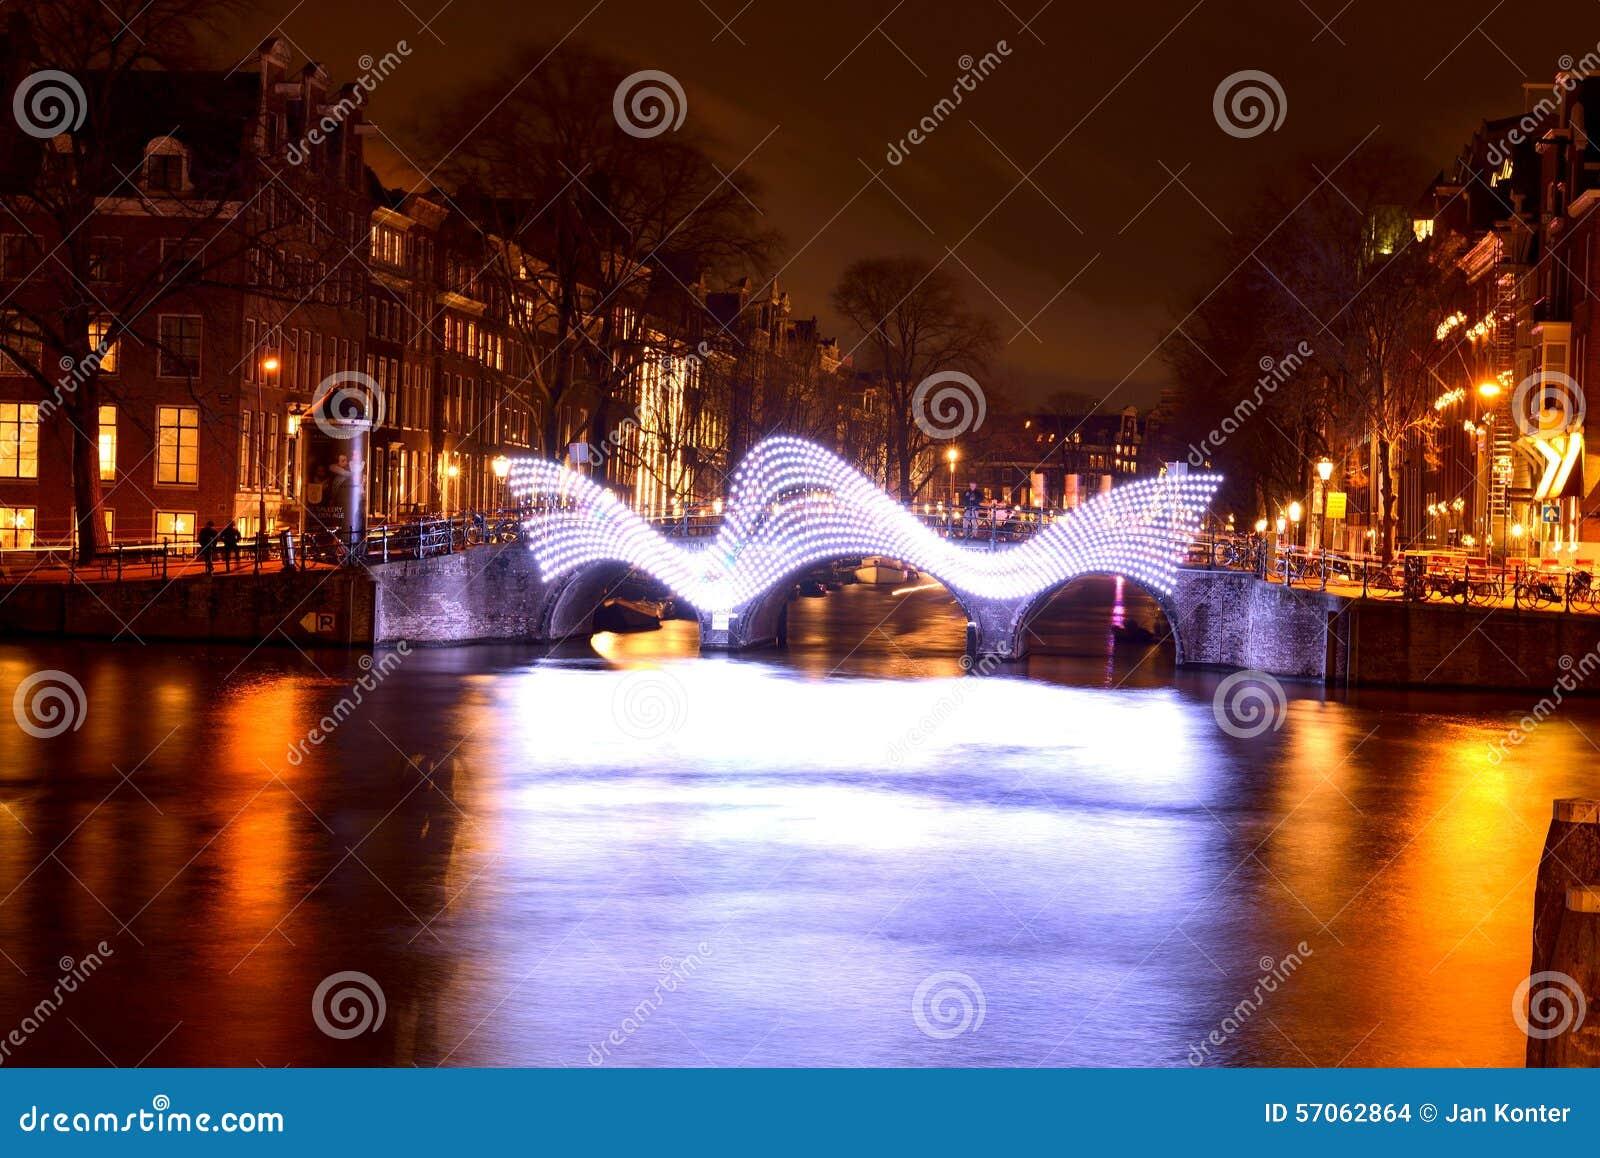 Lichte Brug, licht festival Amsterdam, Holland